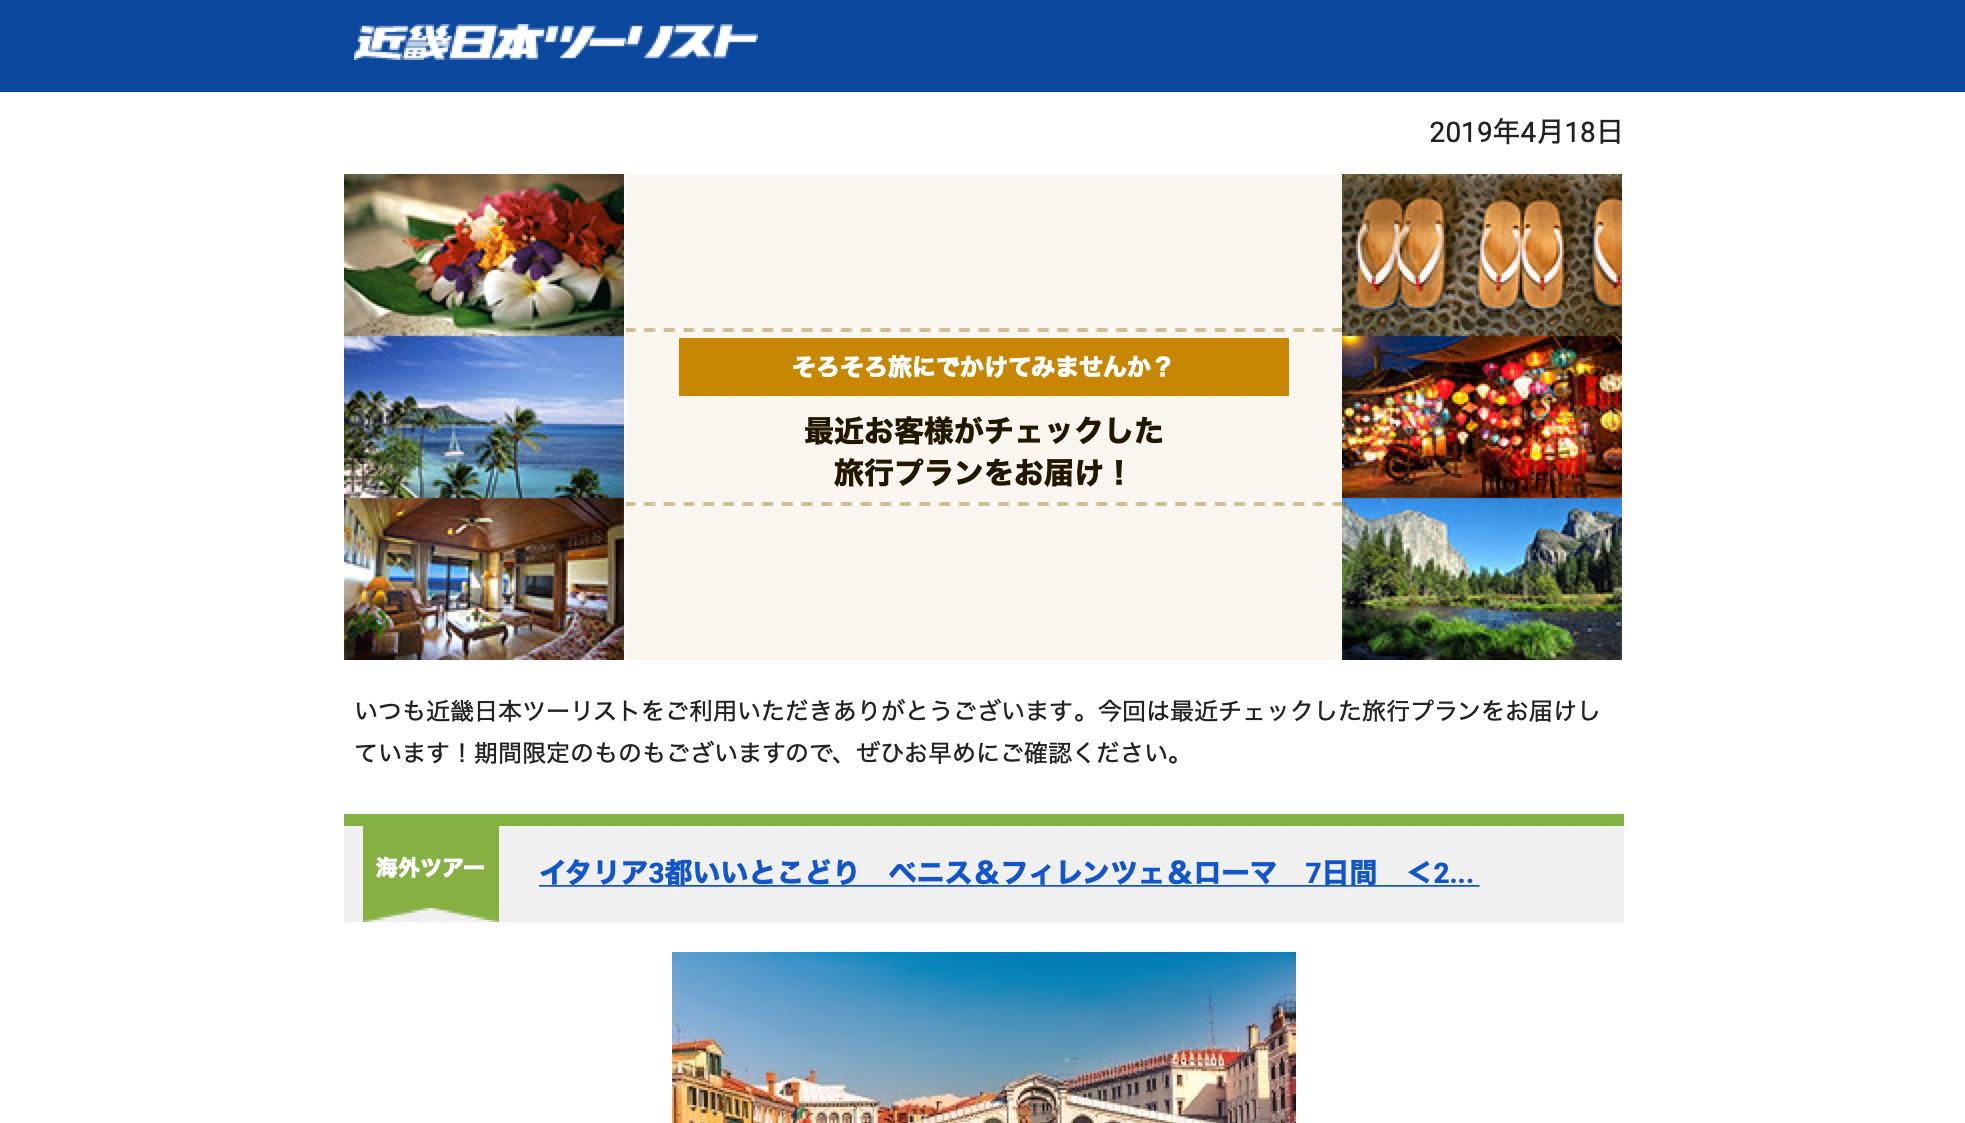 近畿日本ツーリストのメールマガジン